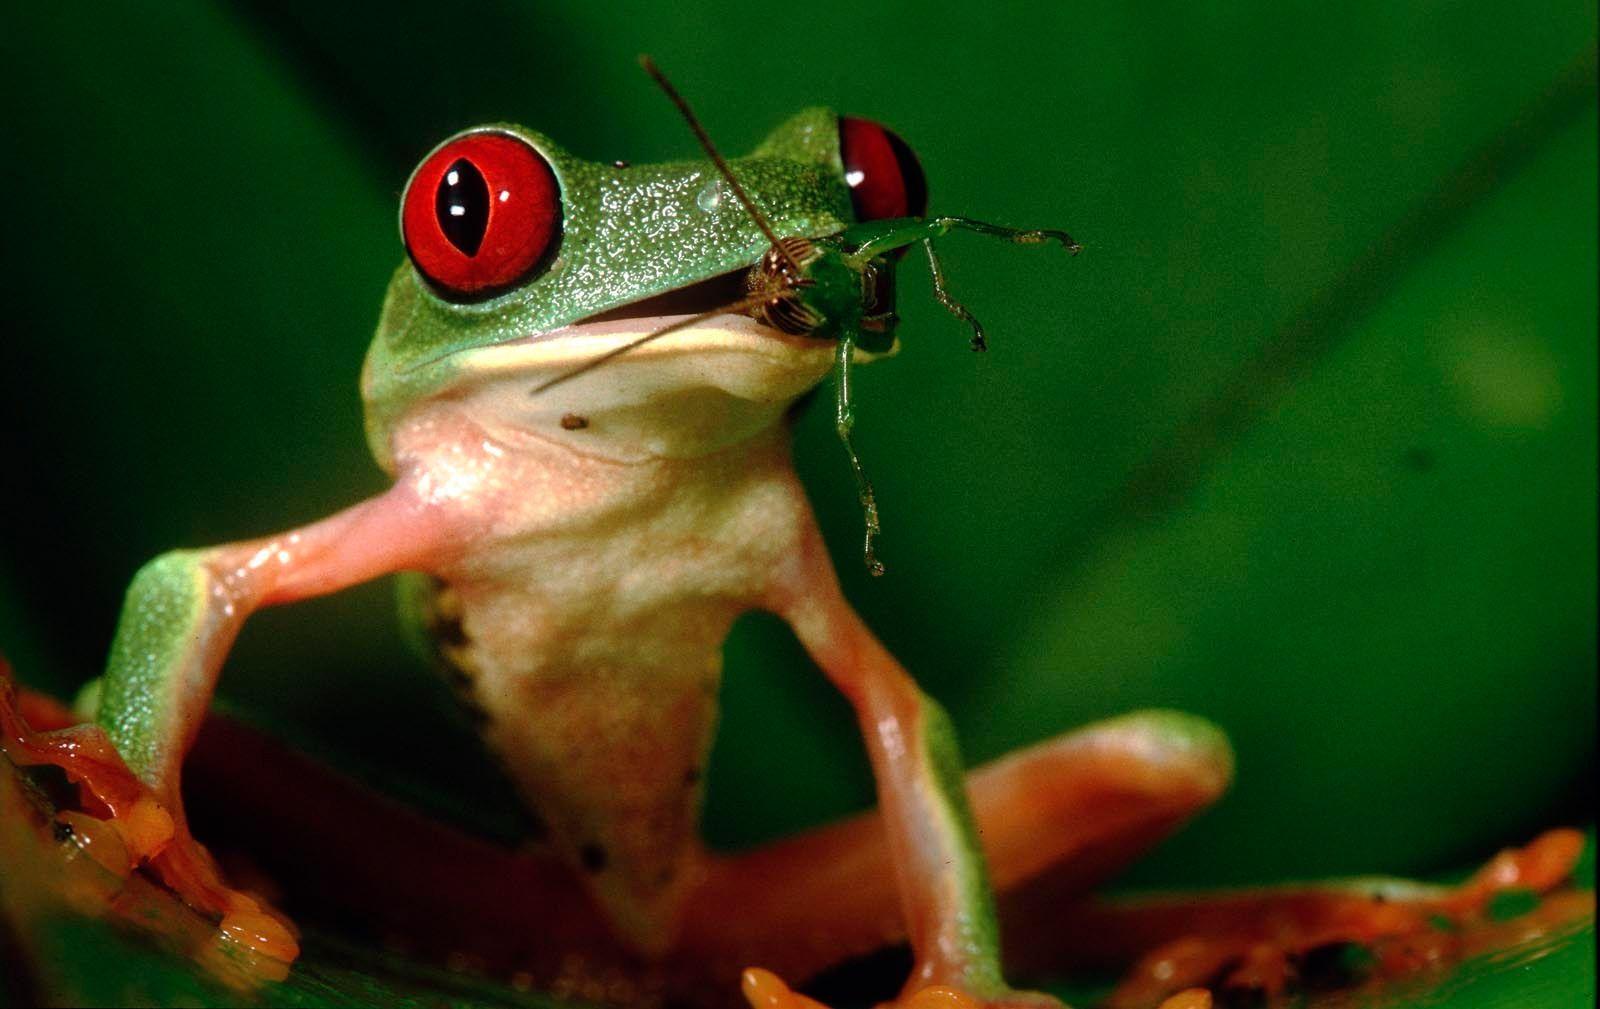 107_frog_eating_grashopper